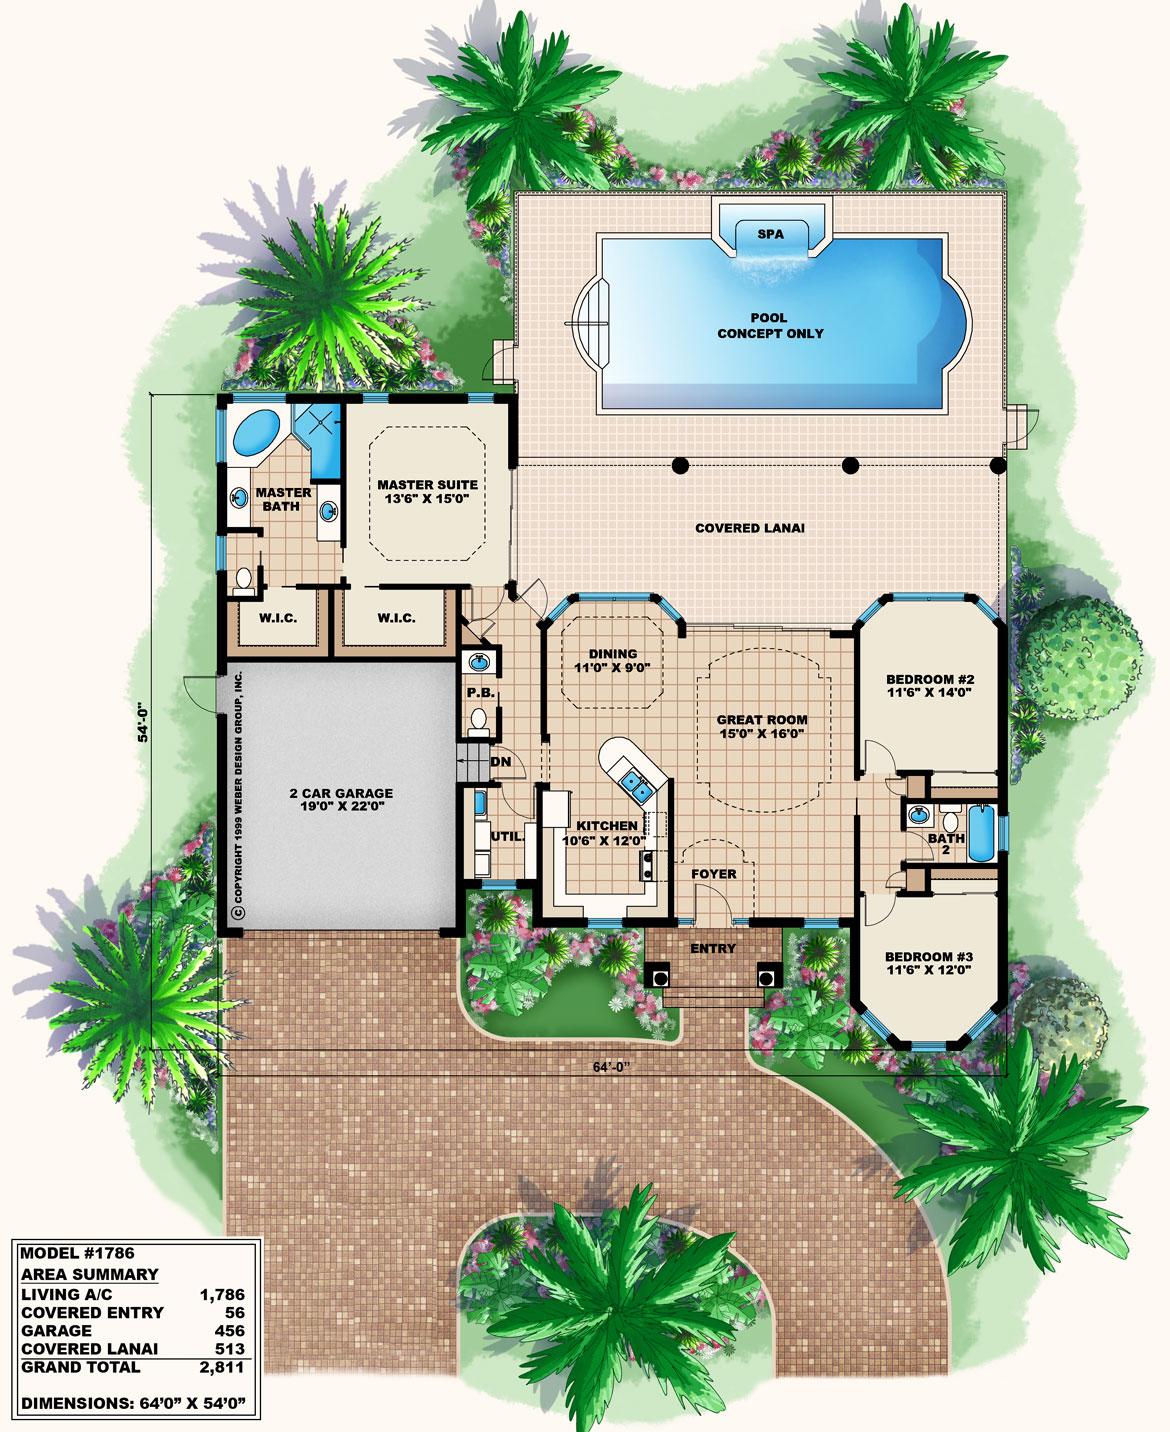 Model 1786 - Floor Plan